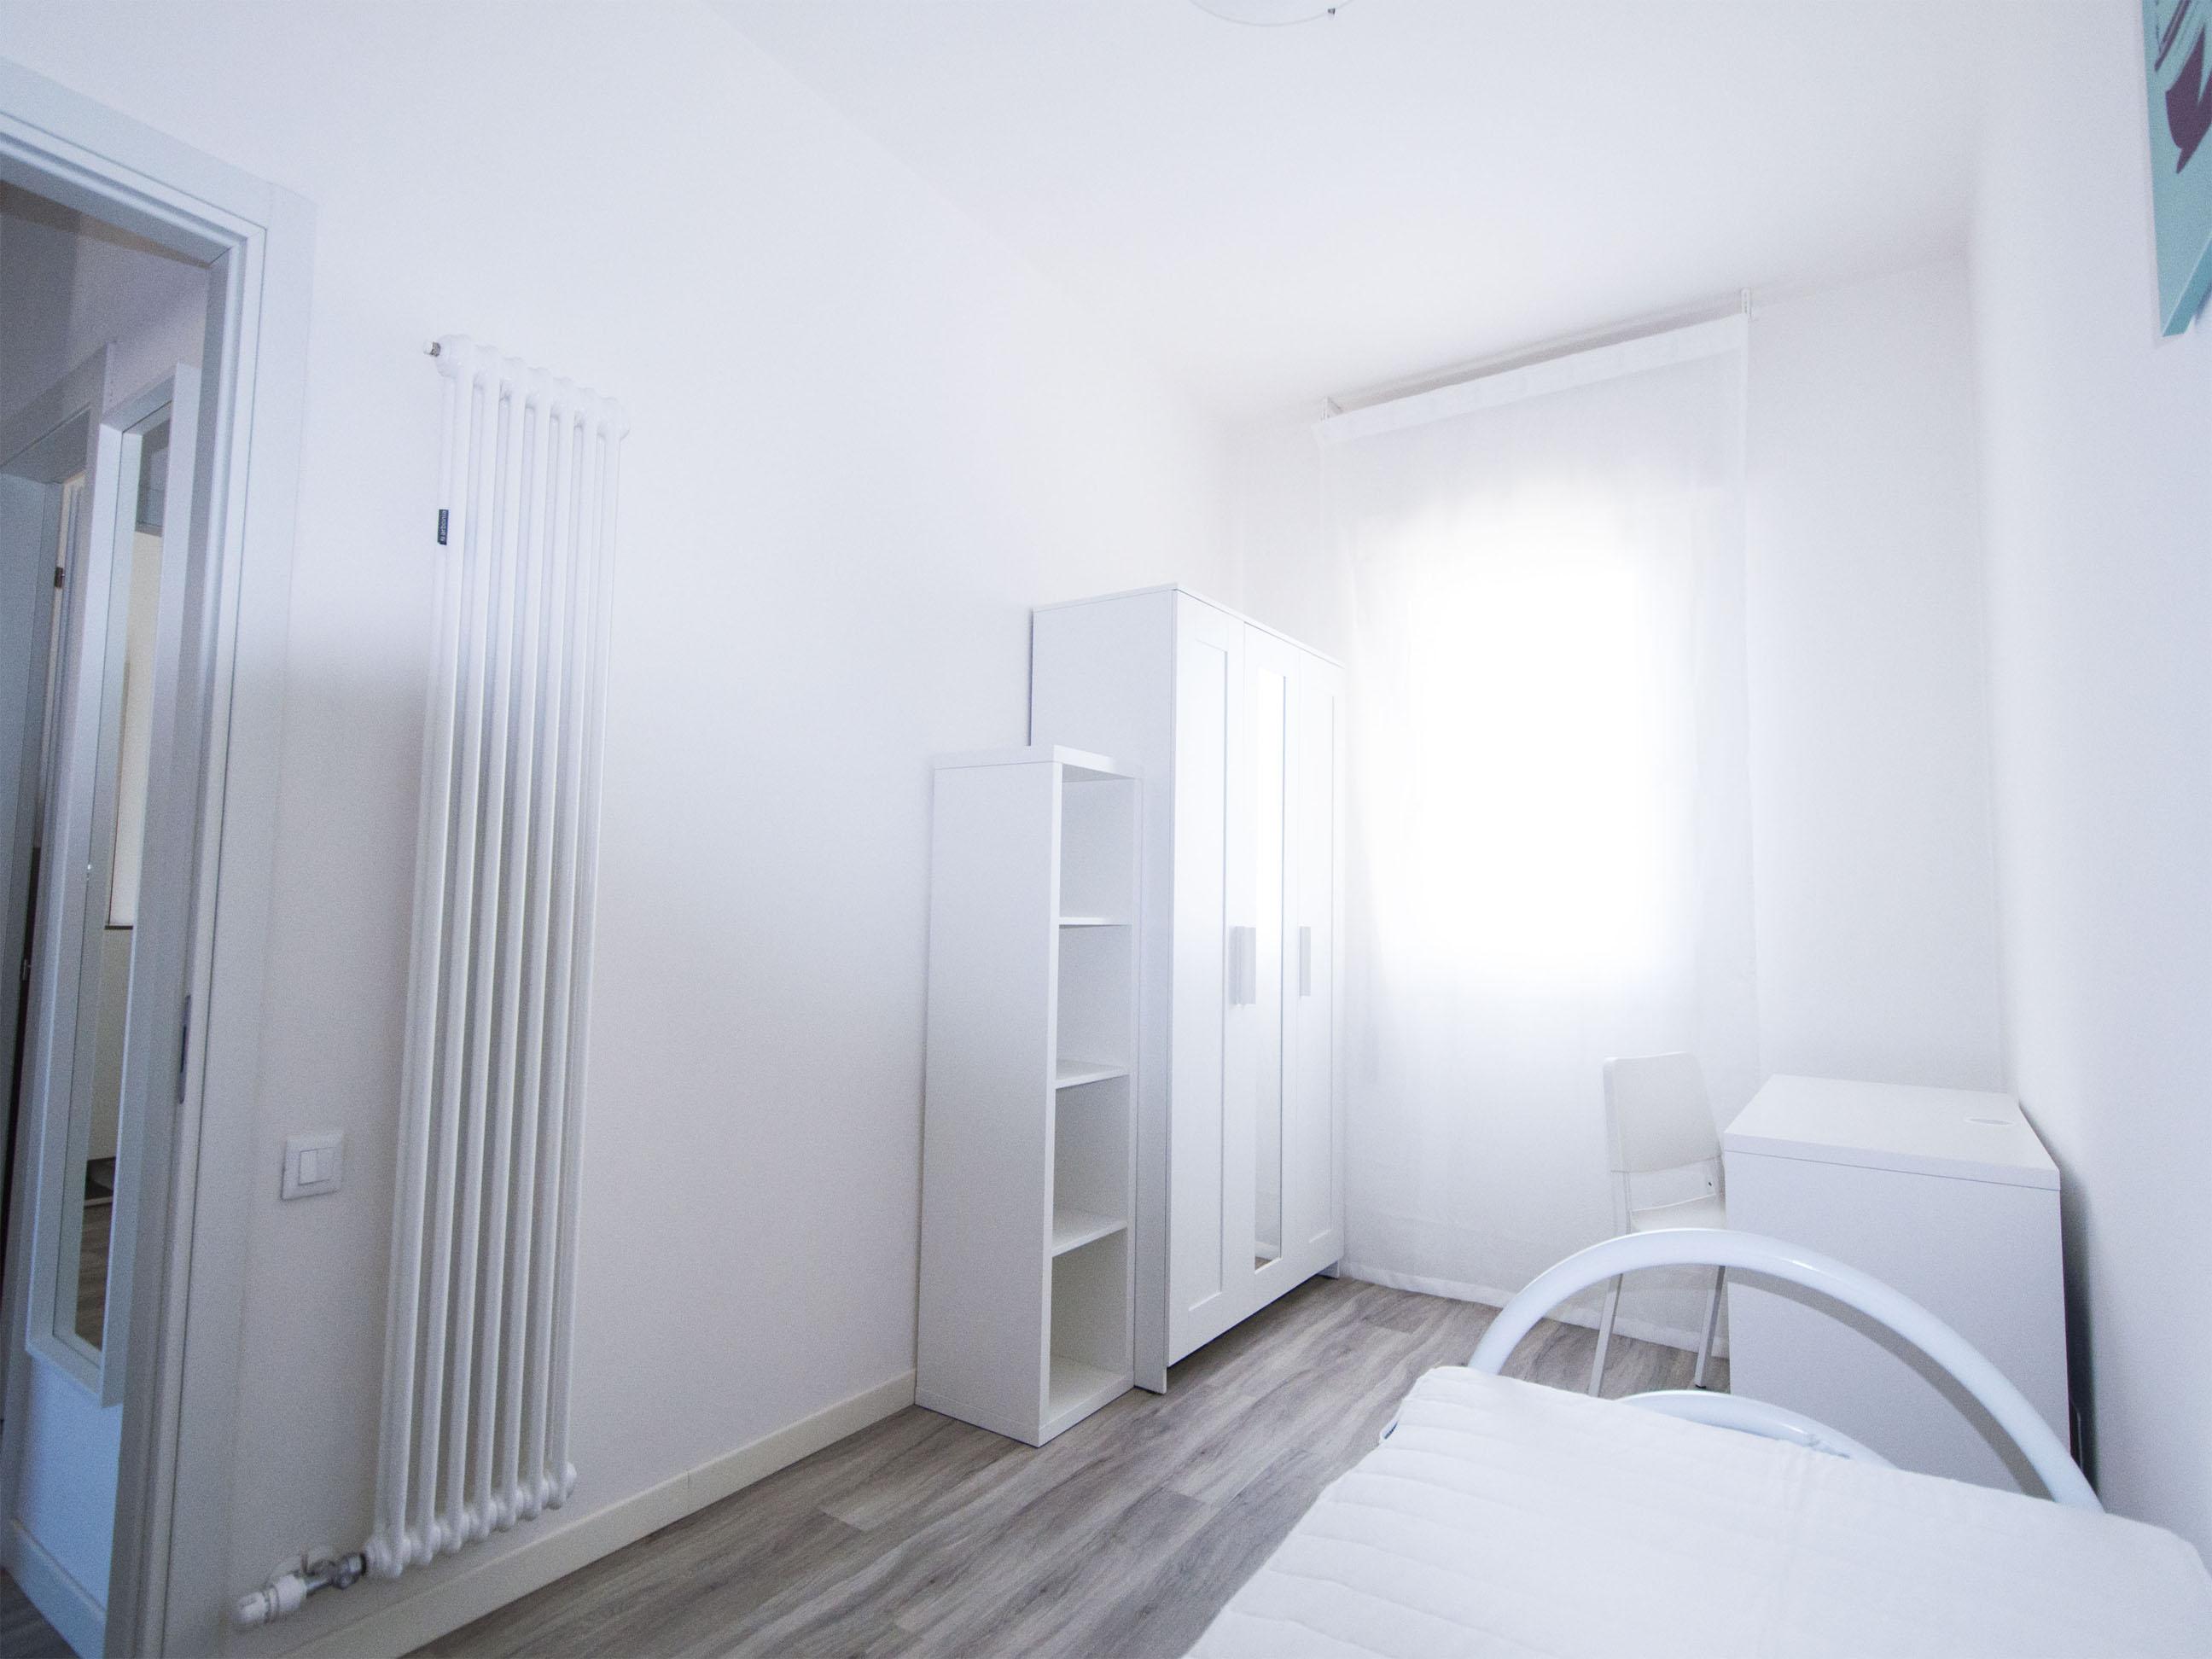 Treviso - Camere in Affitto - San Zeno - Studio Architettura Zanatta 16